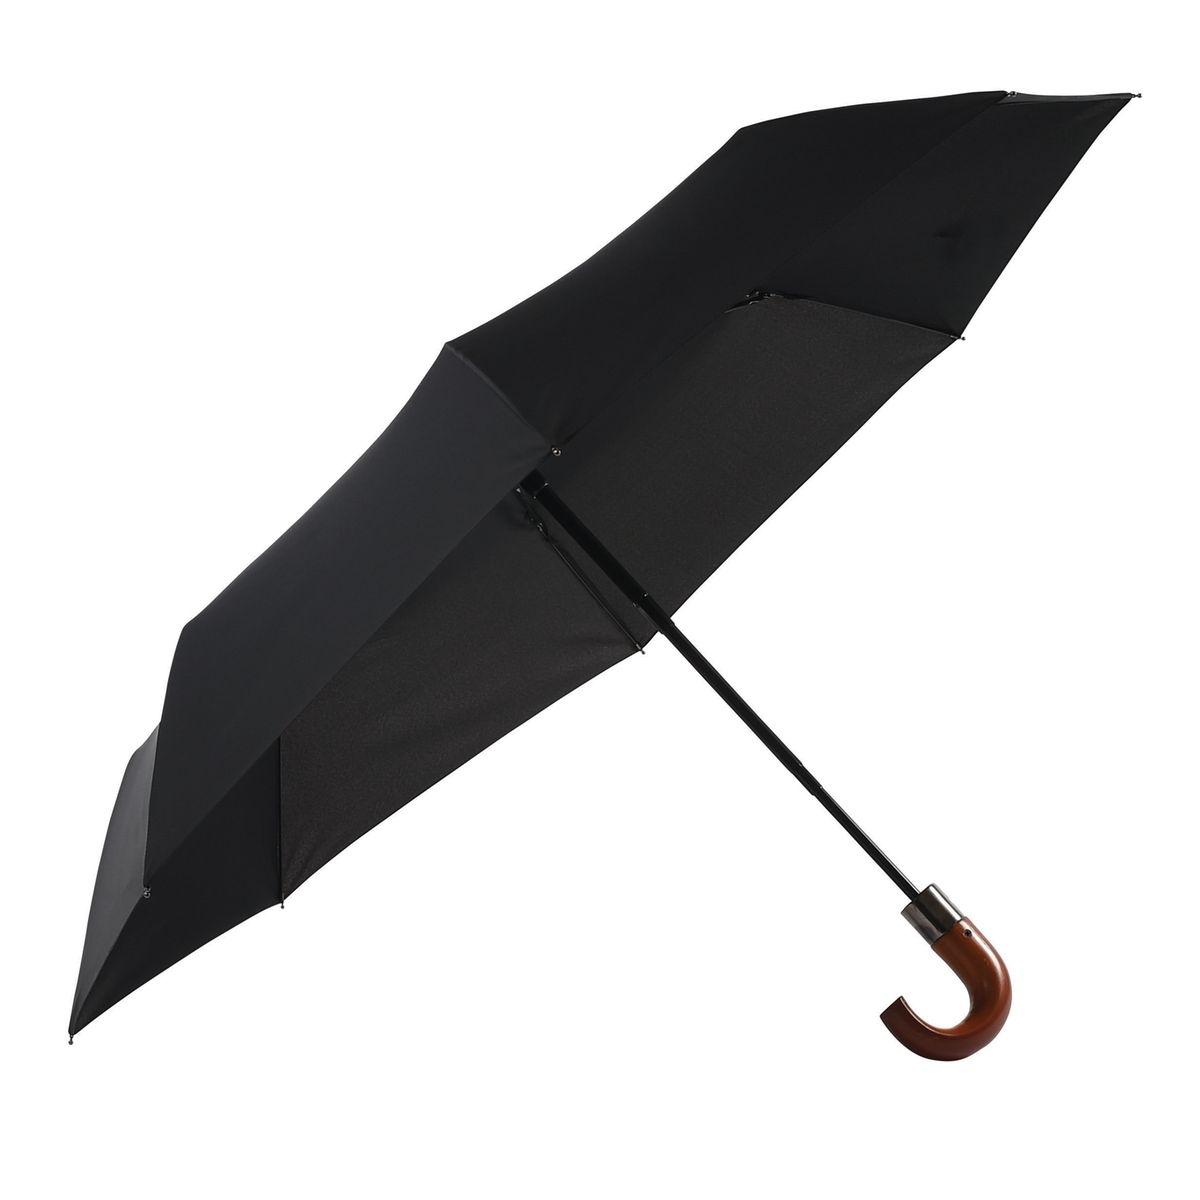 Parapluie Neyrat - noir - pliant - poignée canne